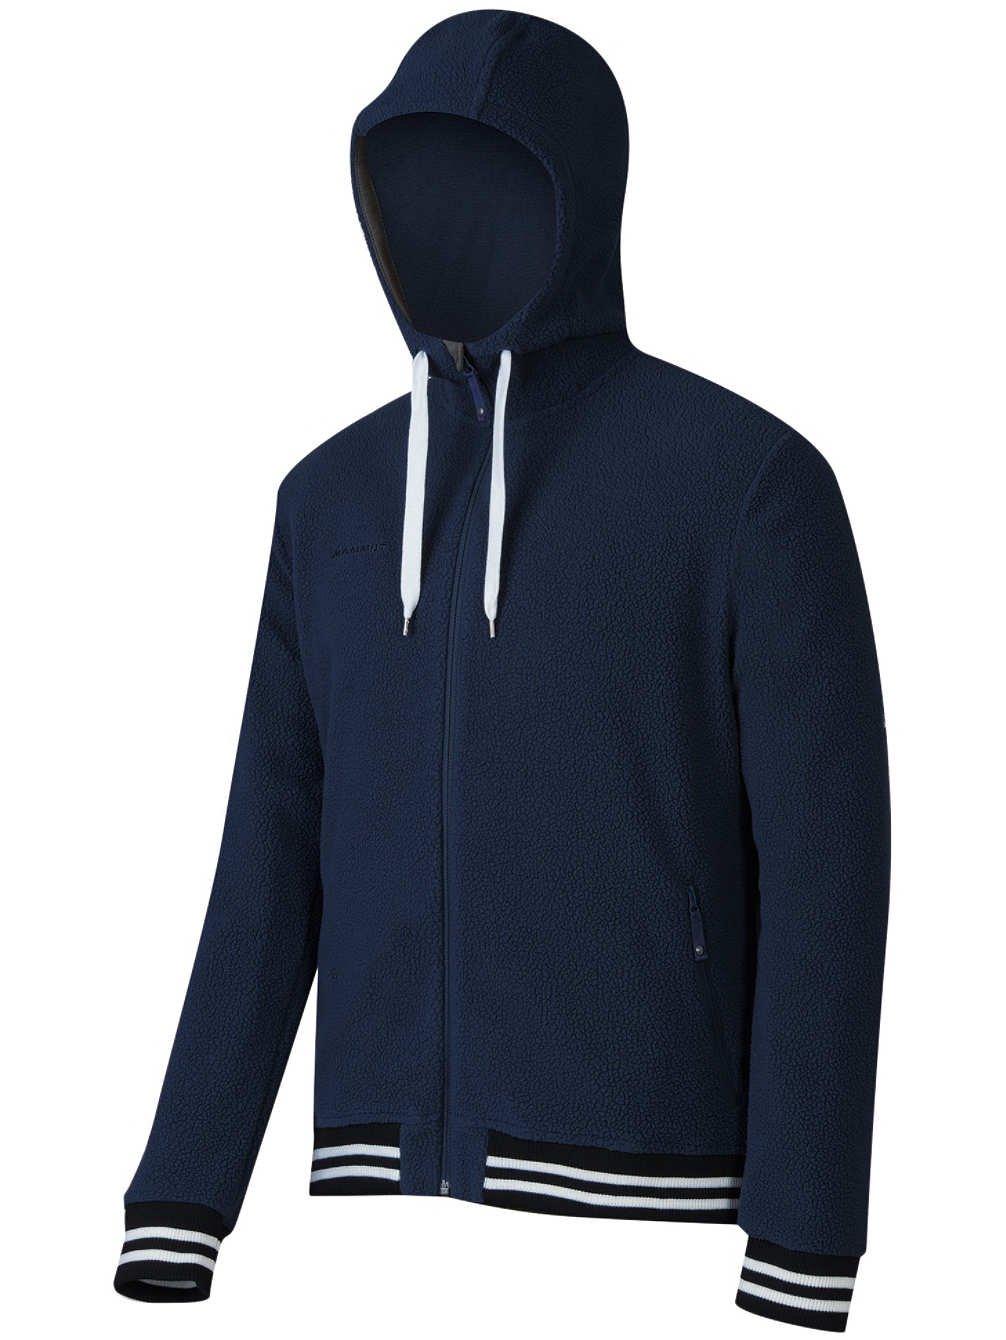 Mammut Runbold Tour ML Hooded Jacket